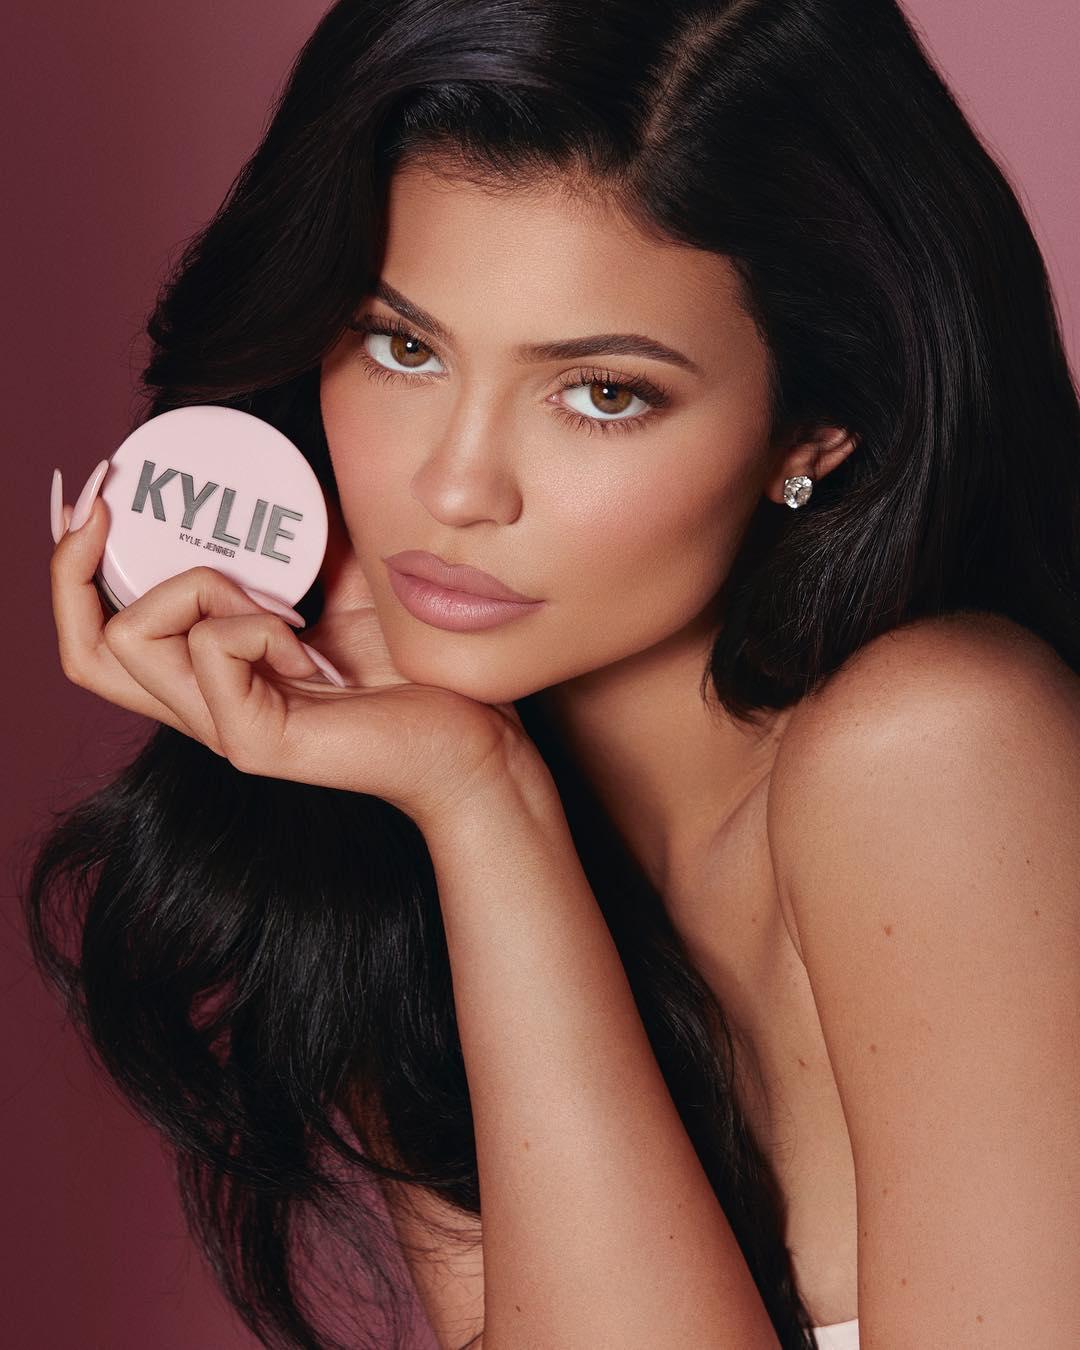 Kylie Jenner é a mais nova (e sensual) bilionária do mundo